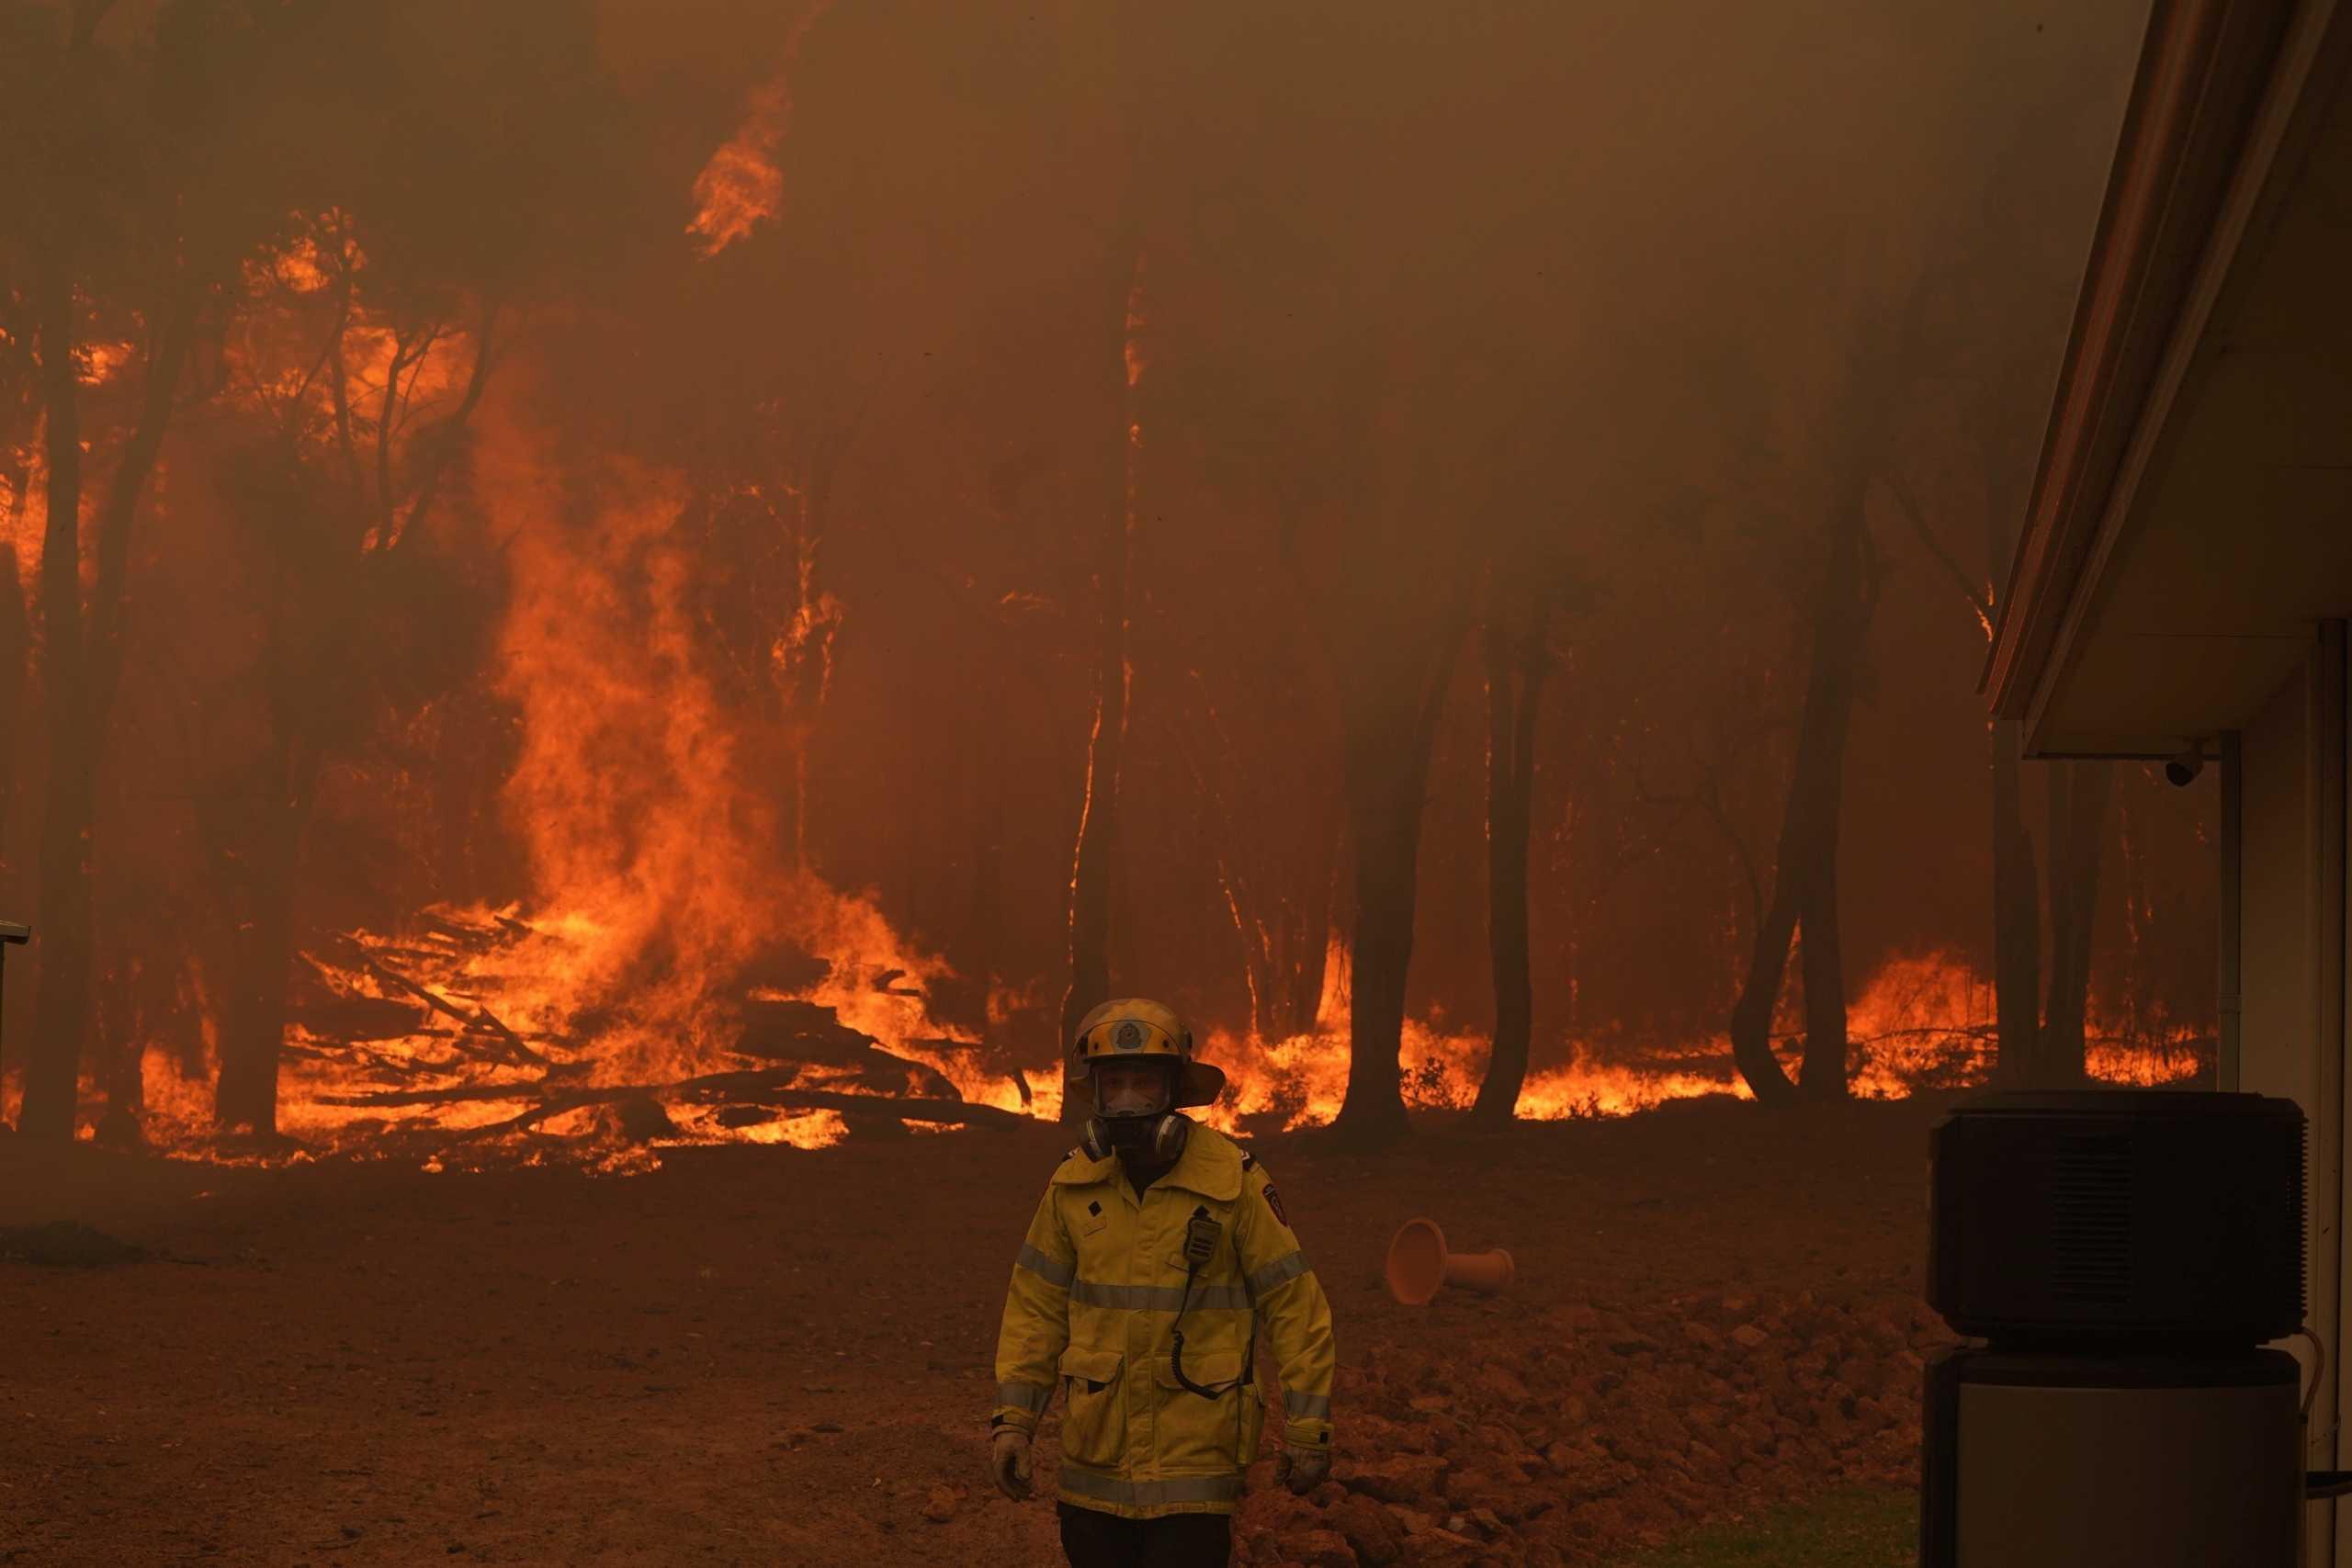 Αυστραλία: Πύρινη κόλαση στο Περθ – Μεγάλες πυρκαγιές καίνε σπίτια και καλλιέργειες